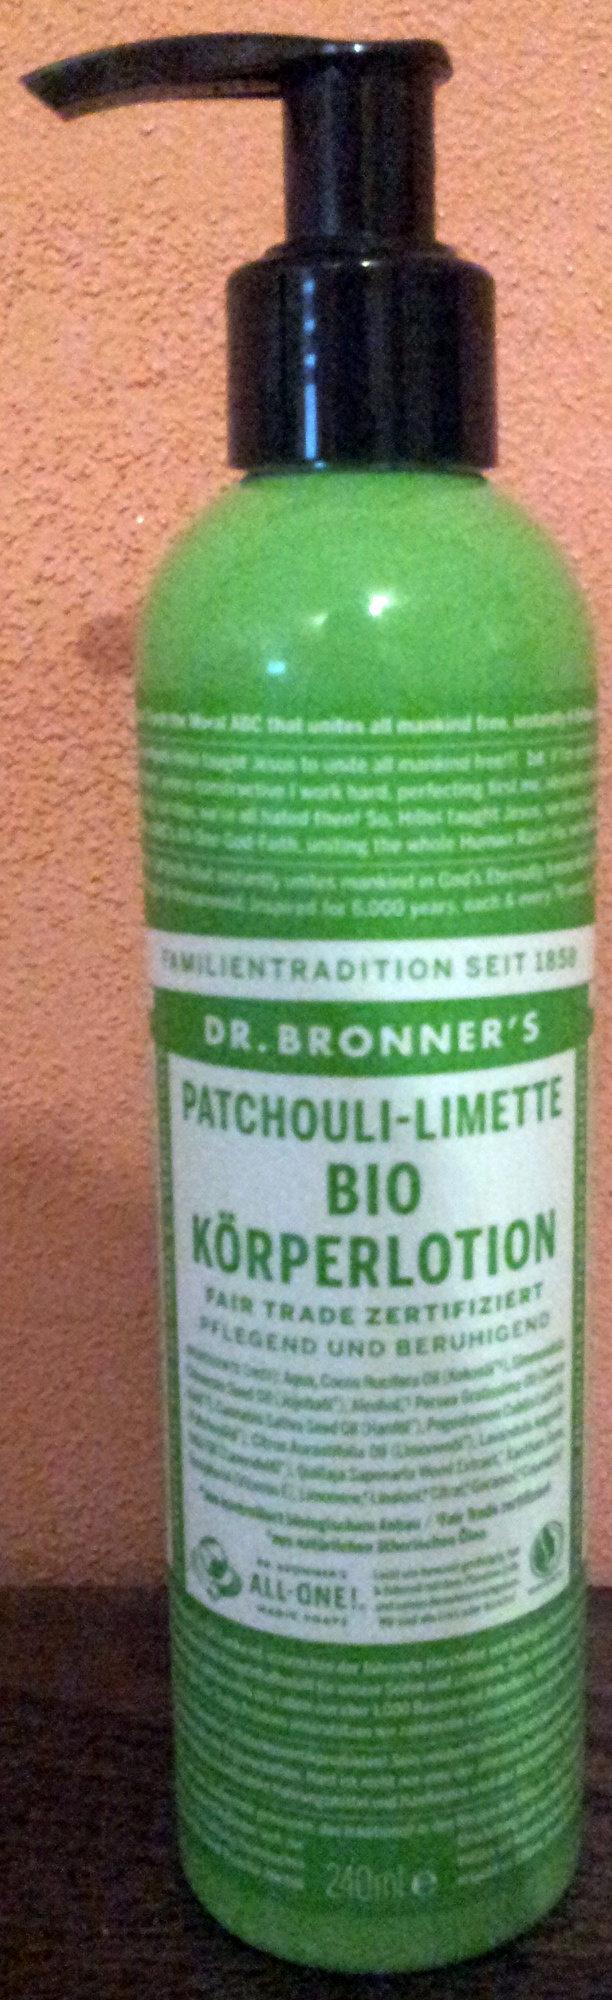 Dr. Bronner's Bio Körperlotion Patchouli-Limette - Product - de